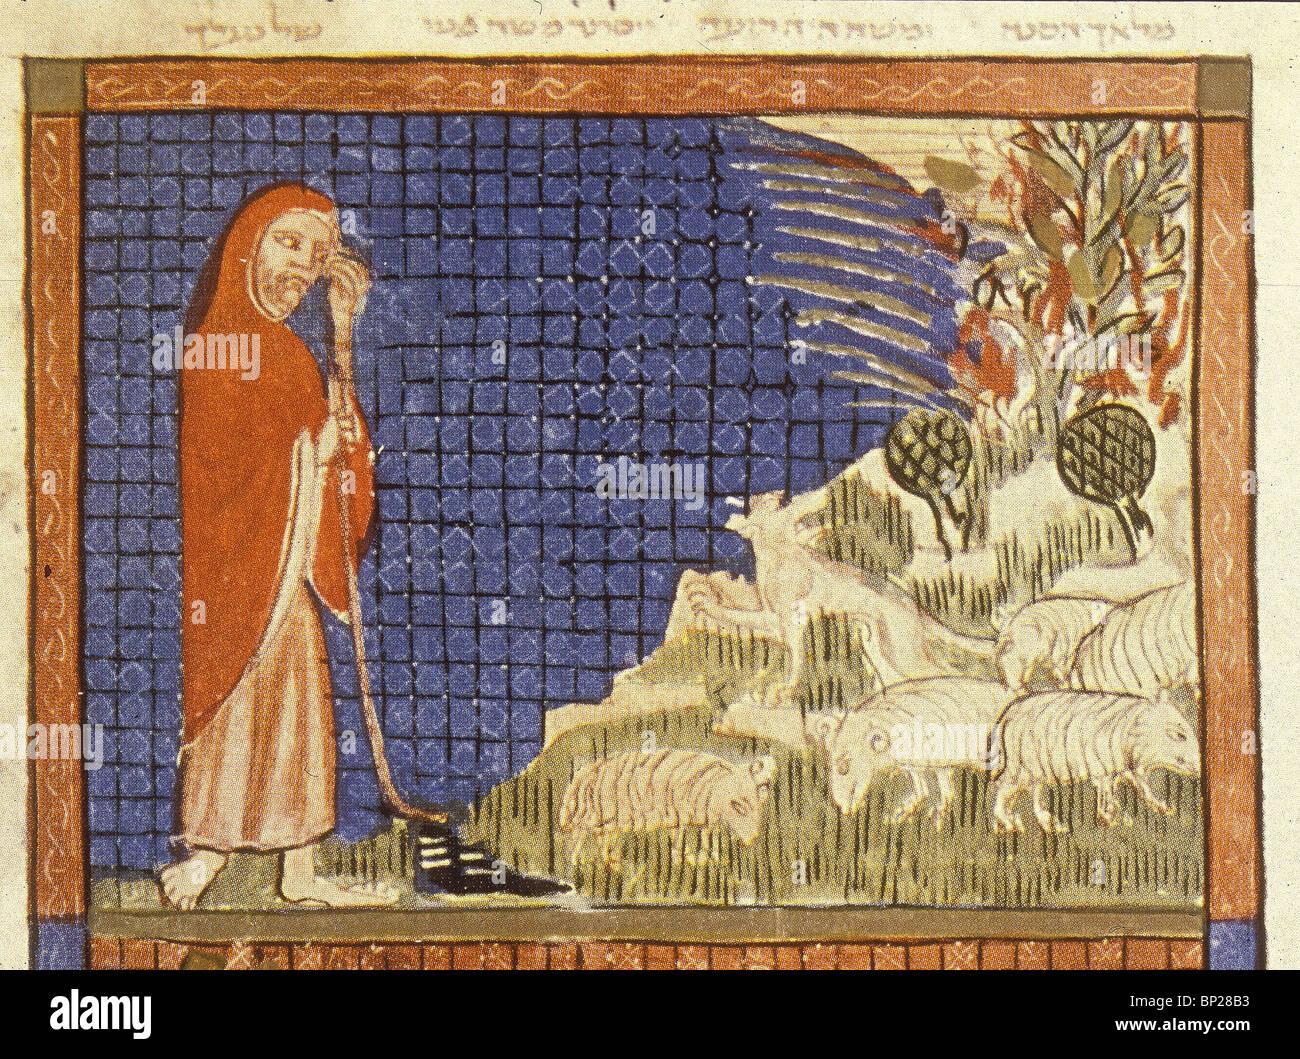 2008. MOSES VOR DEM BRENNENDEN DORNBUSCH-ILLUSTRATION AUS DEM SARAJEVO HAGGADA, EIN 14. C. HEBRÄISCHES MANUSKRIPT Stockbild